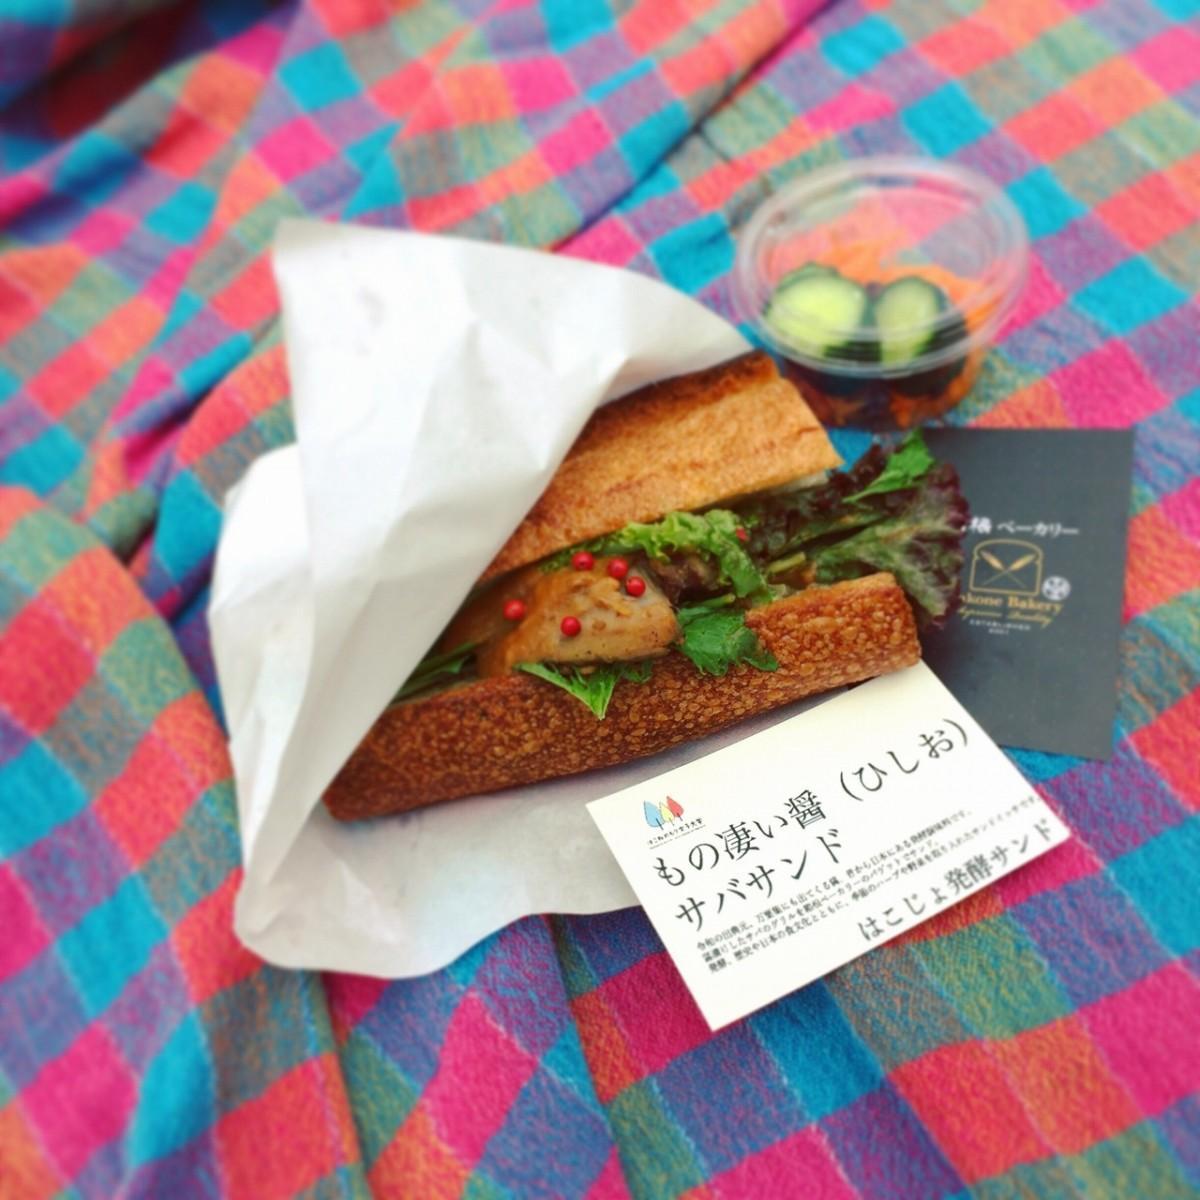 はこねのもり女子大学で提供される山田雅恵さんが作る「もの凄い醤(ひしお)サバサンド」